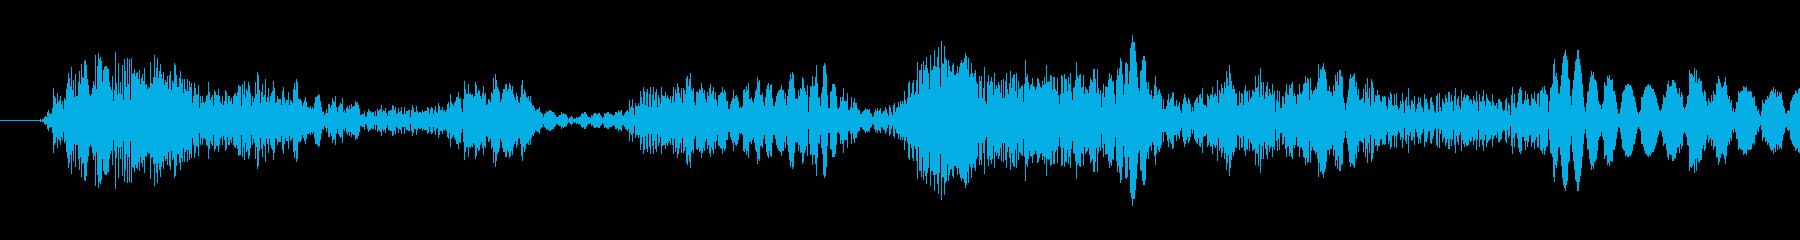 巻き戻し1の再生済みの波形